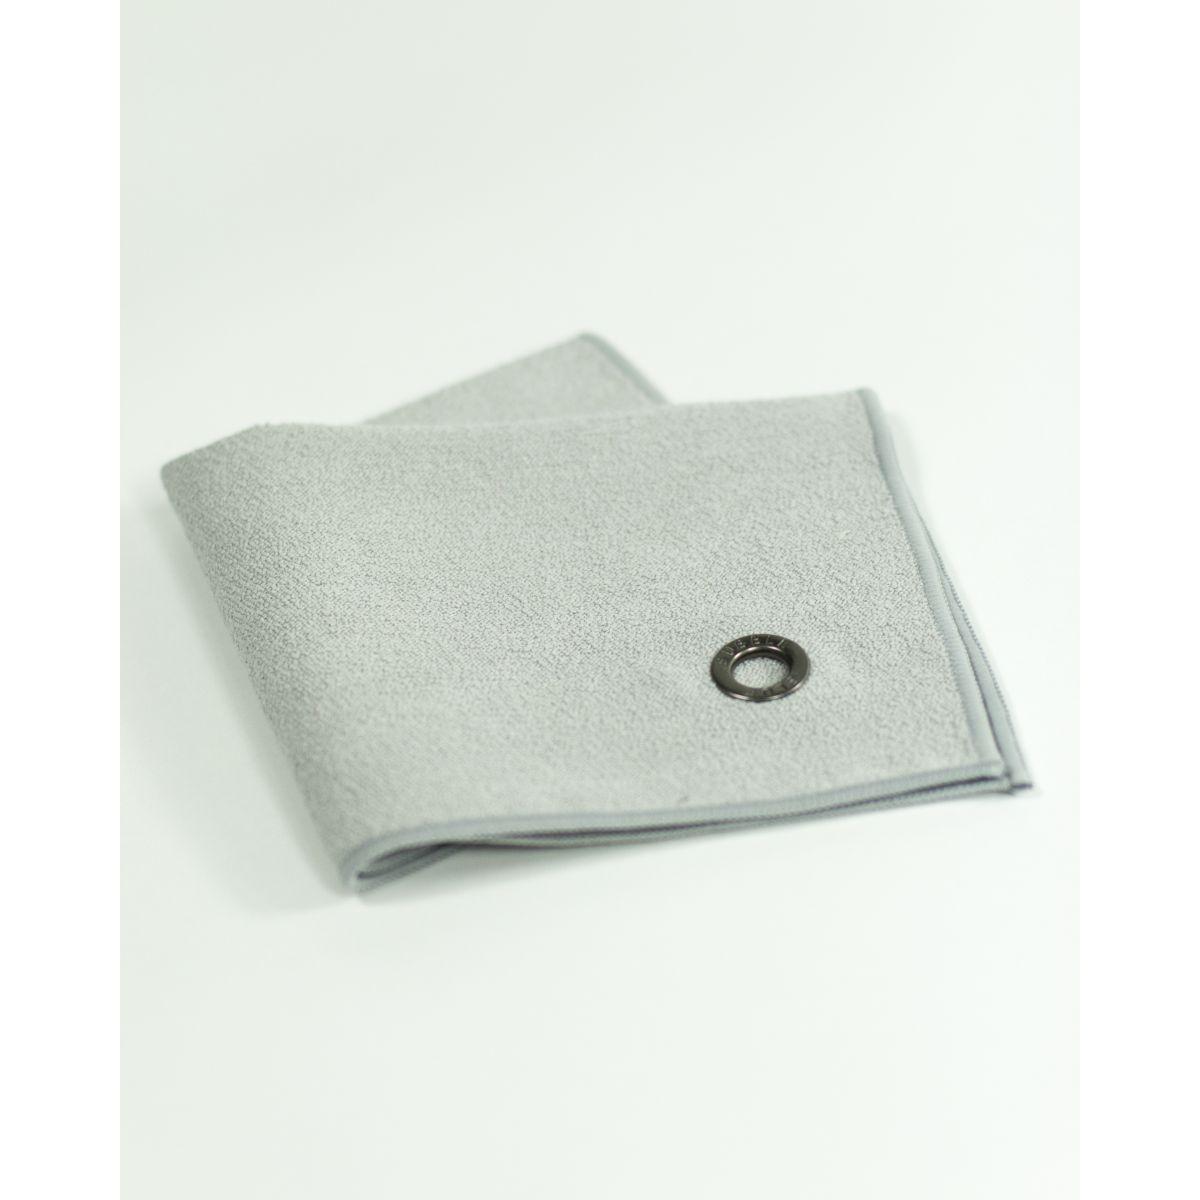 serviette mains visage en microfibre anuanua couleur perle aventure. Black Bedroom Furniture Sets. Home Design Ideas